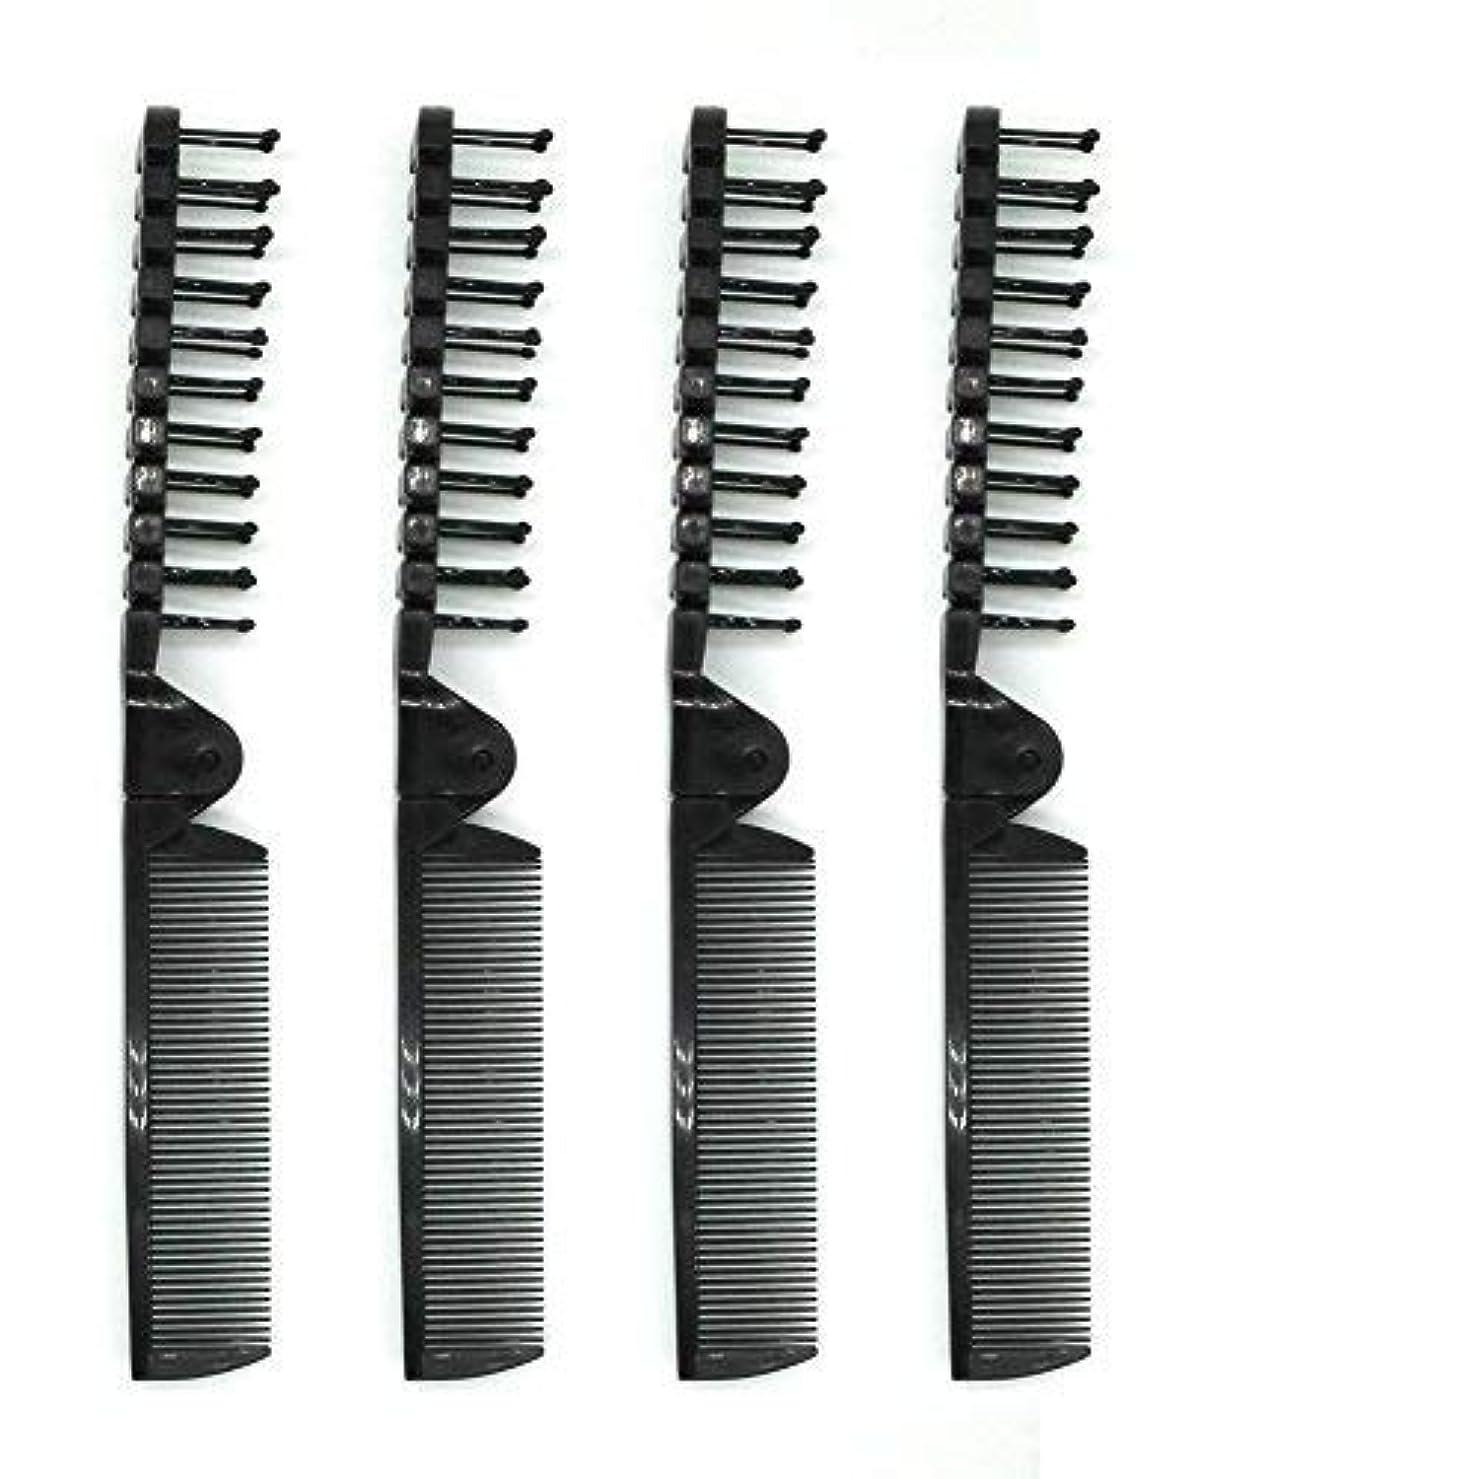 PUTYSUUN Portable Travel Comb Brush Combo Folding, Antistatic (Black) Pack of 4 [並行輸入品]